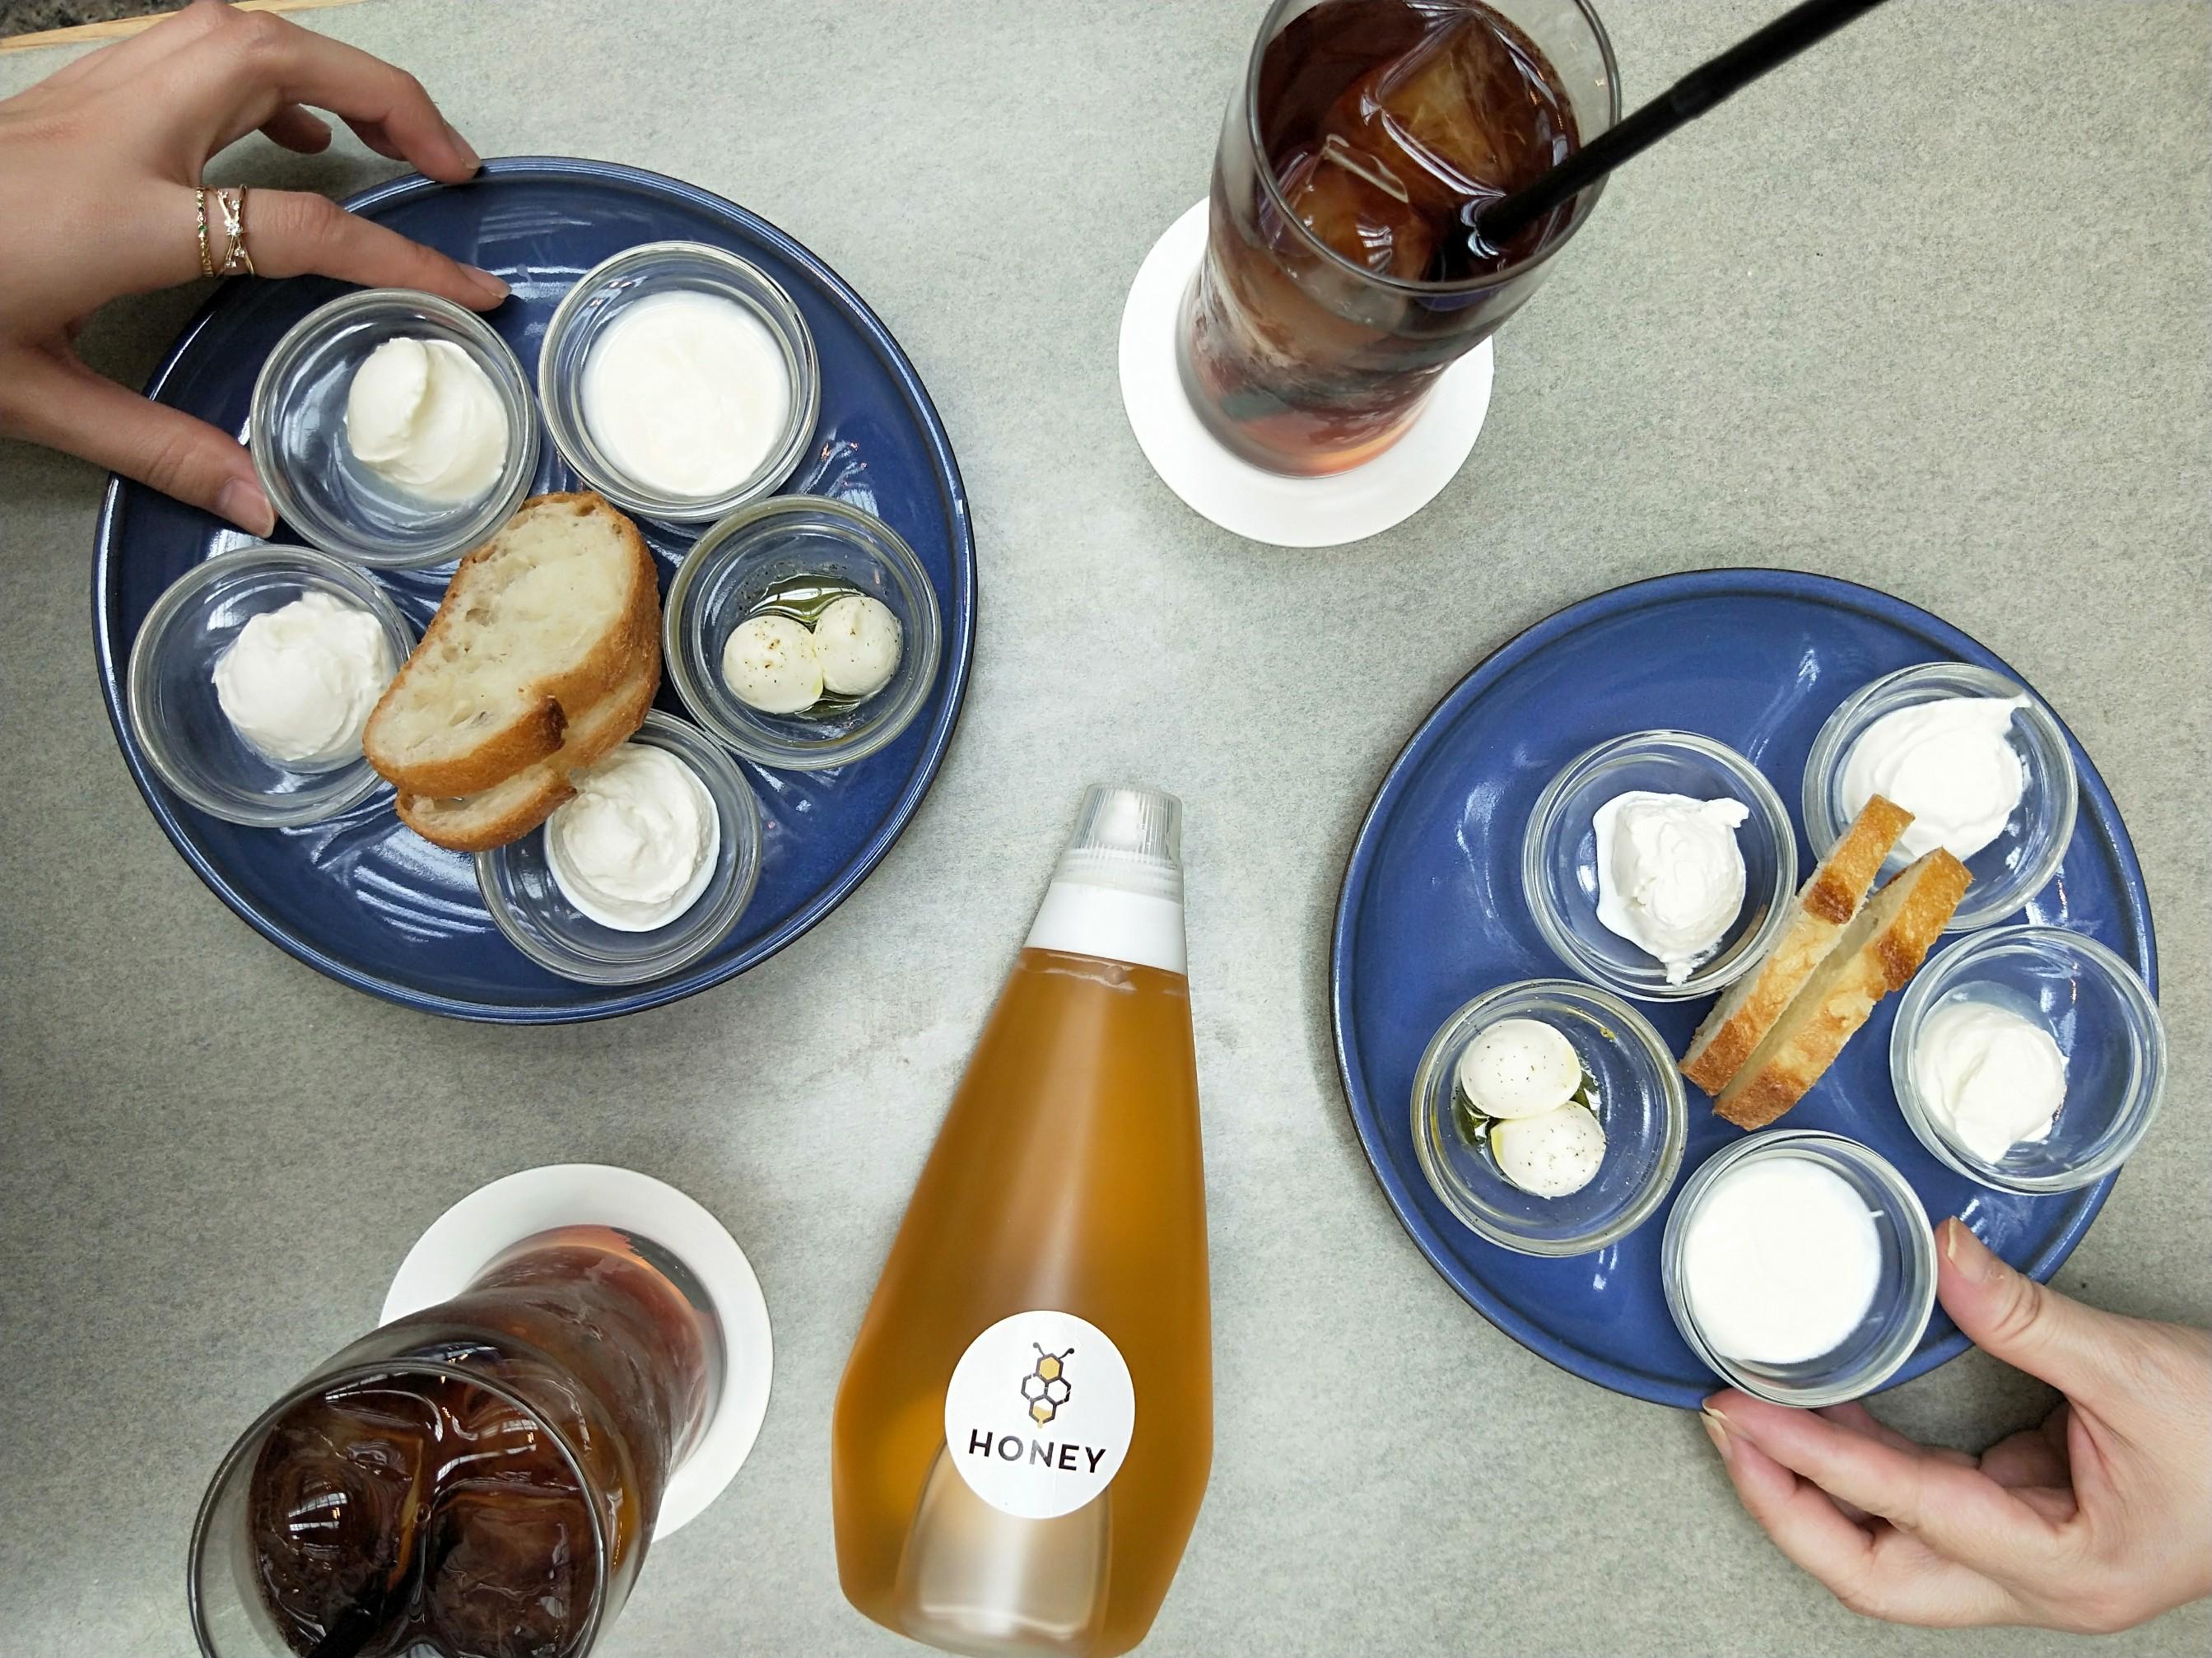 チーズ&クリームおかわり自由♡タカナシ乳業「タカナシミルクレストラン」in みなとみらい_3